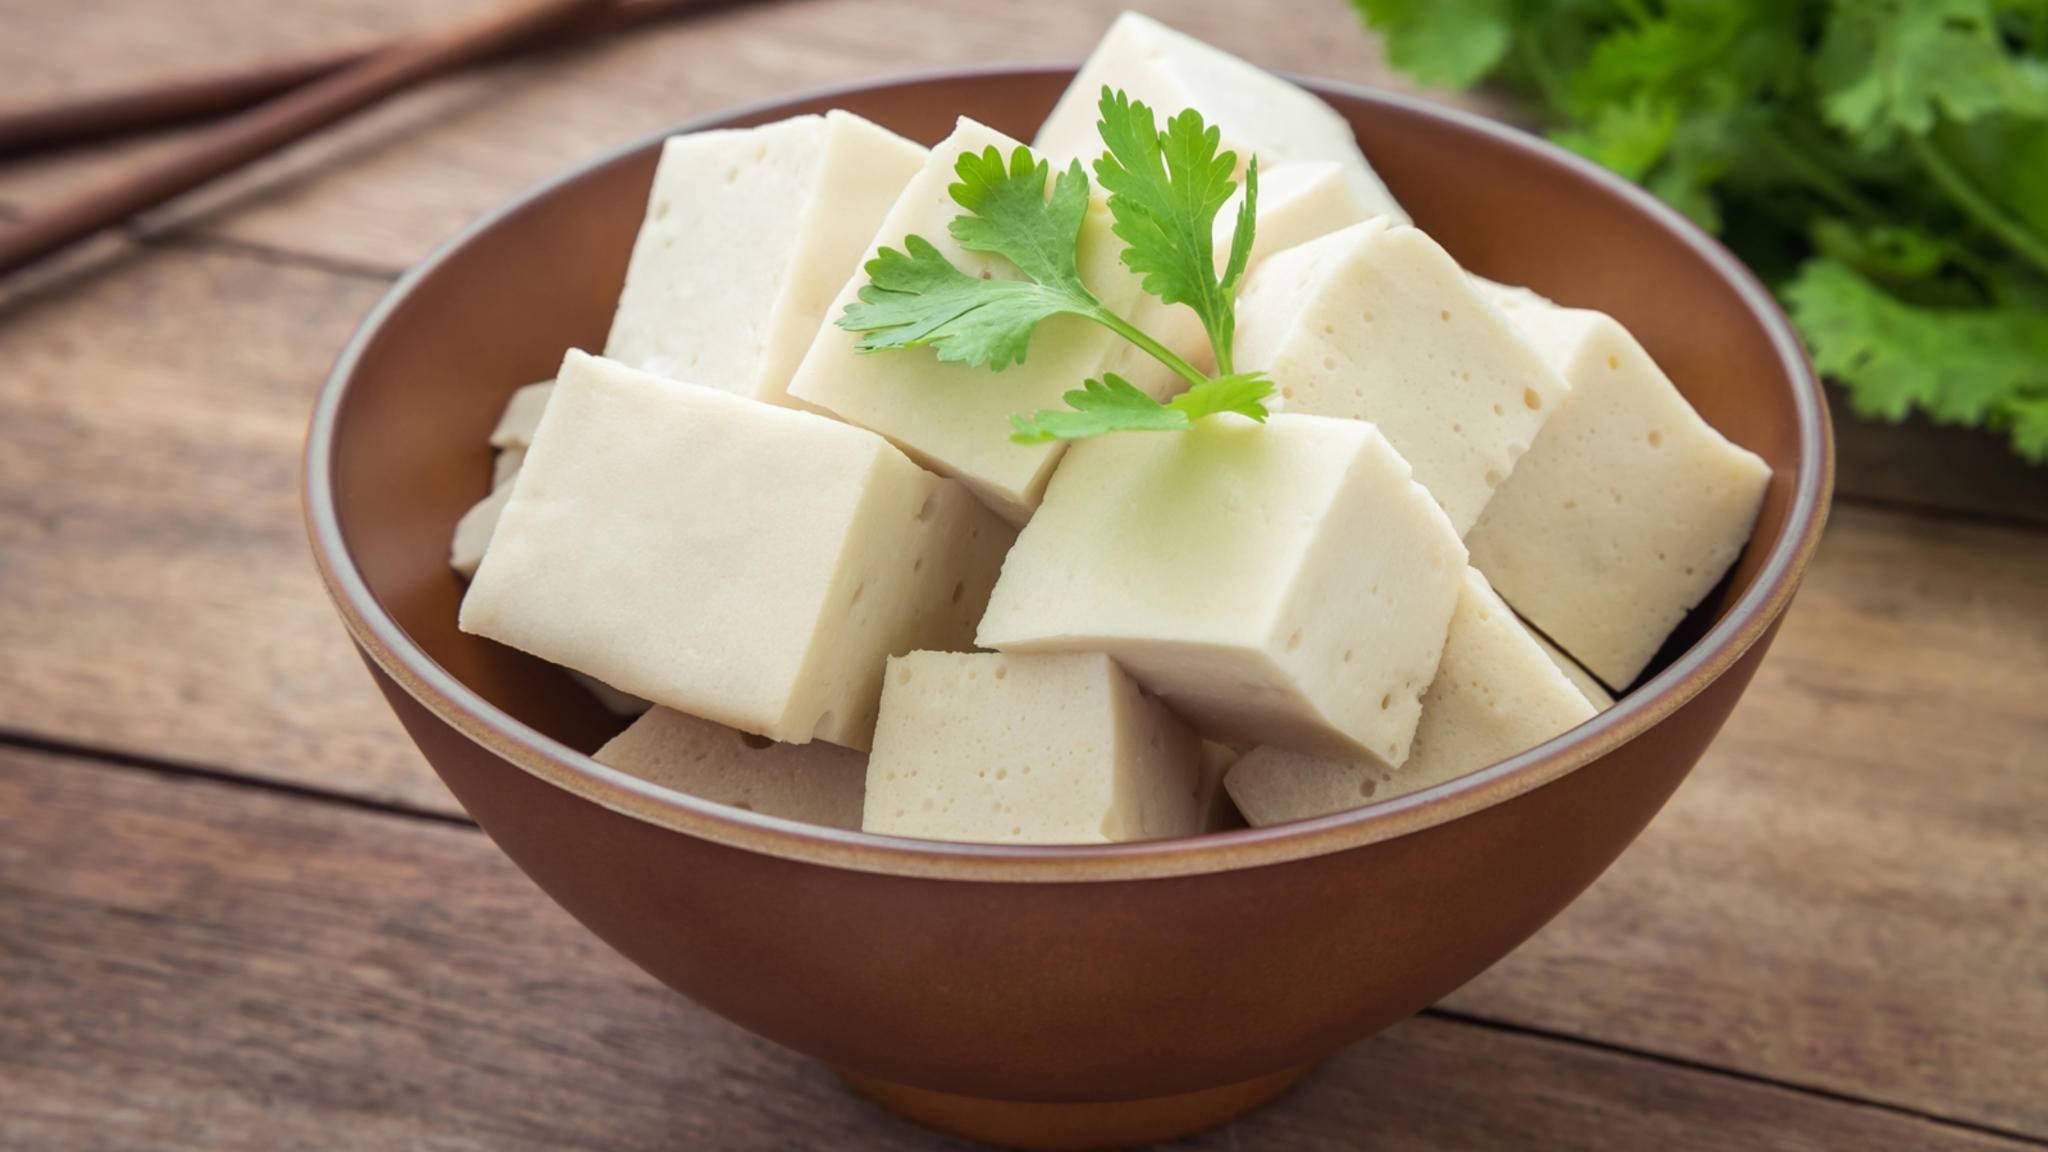 Tofu versorgt Dich auf abwechslungsreiche Weise mit Proteinen und ist nicht nur gesund, sondern auch lecker.